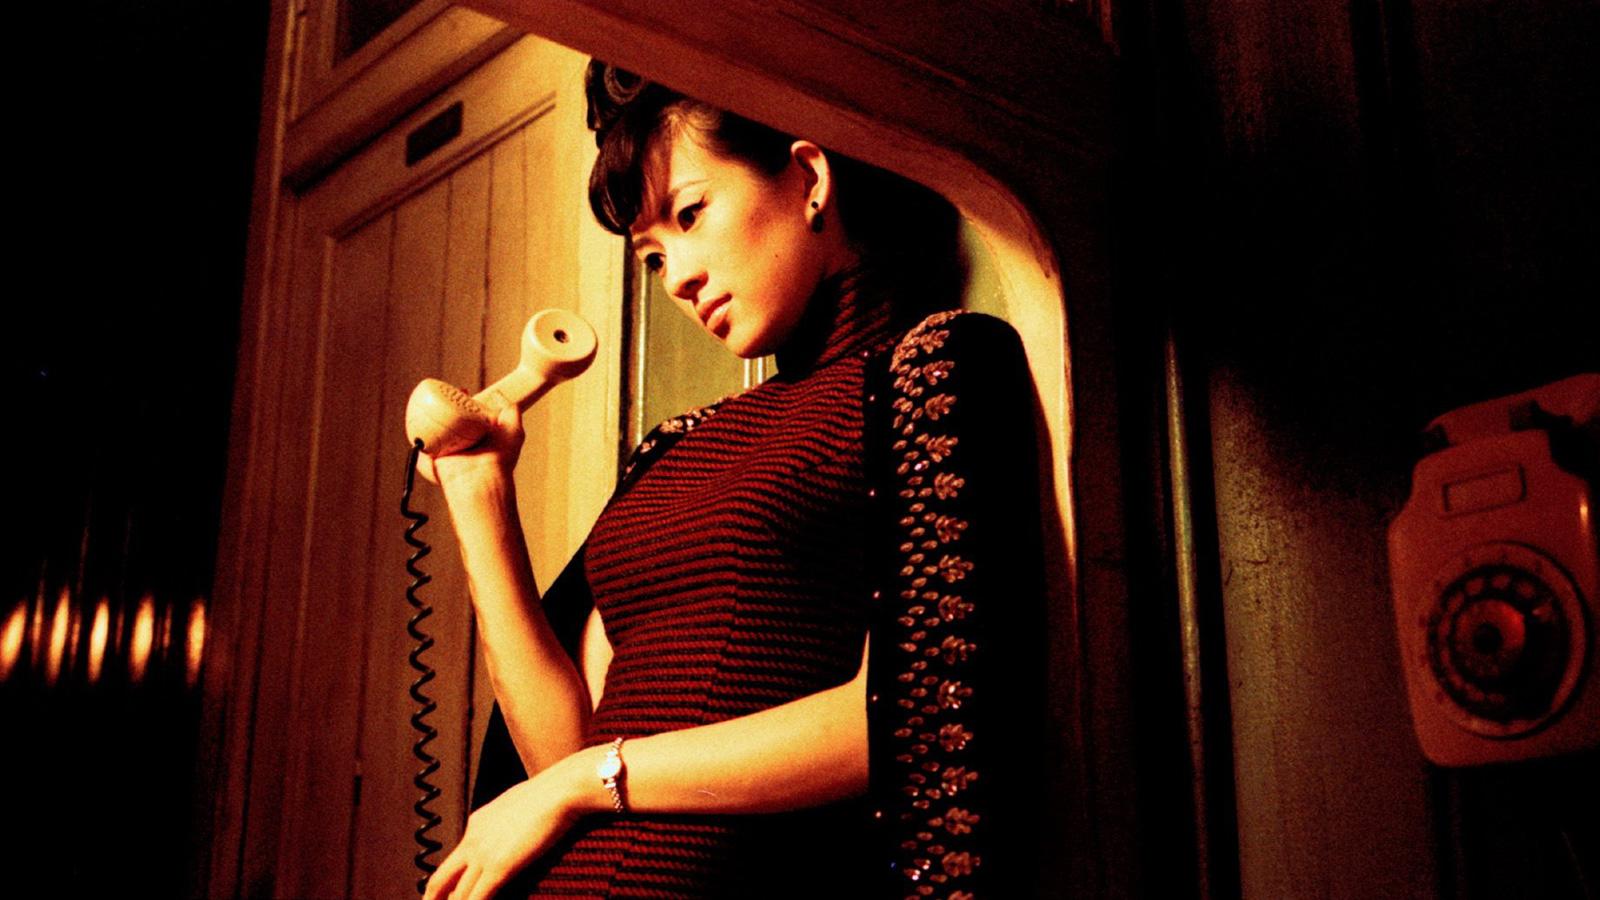 A atriz Zhang Ziyi, de 2016, apoiada com as costas em uma parede segurando um telefone na mão enquanto olha o chão. usa um vestido justo e listrado em tons escuros, um casaco preto sobre os ombros e um relógio de pulso pequeno com pulseira fina no pulso esquerdo.